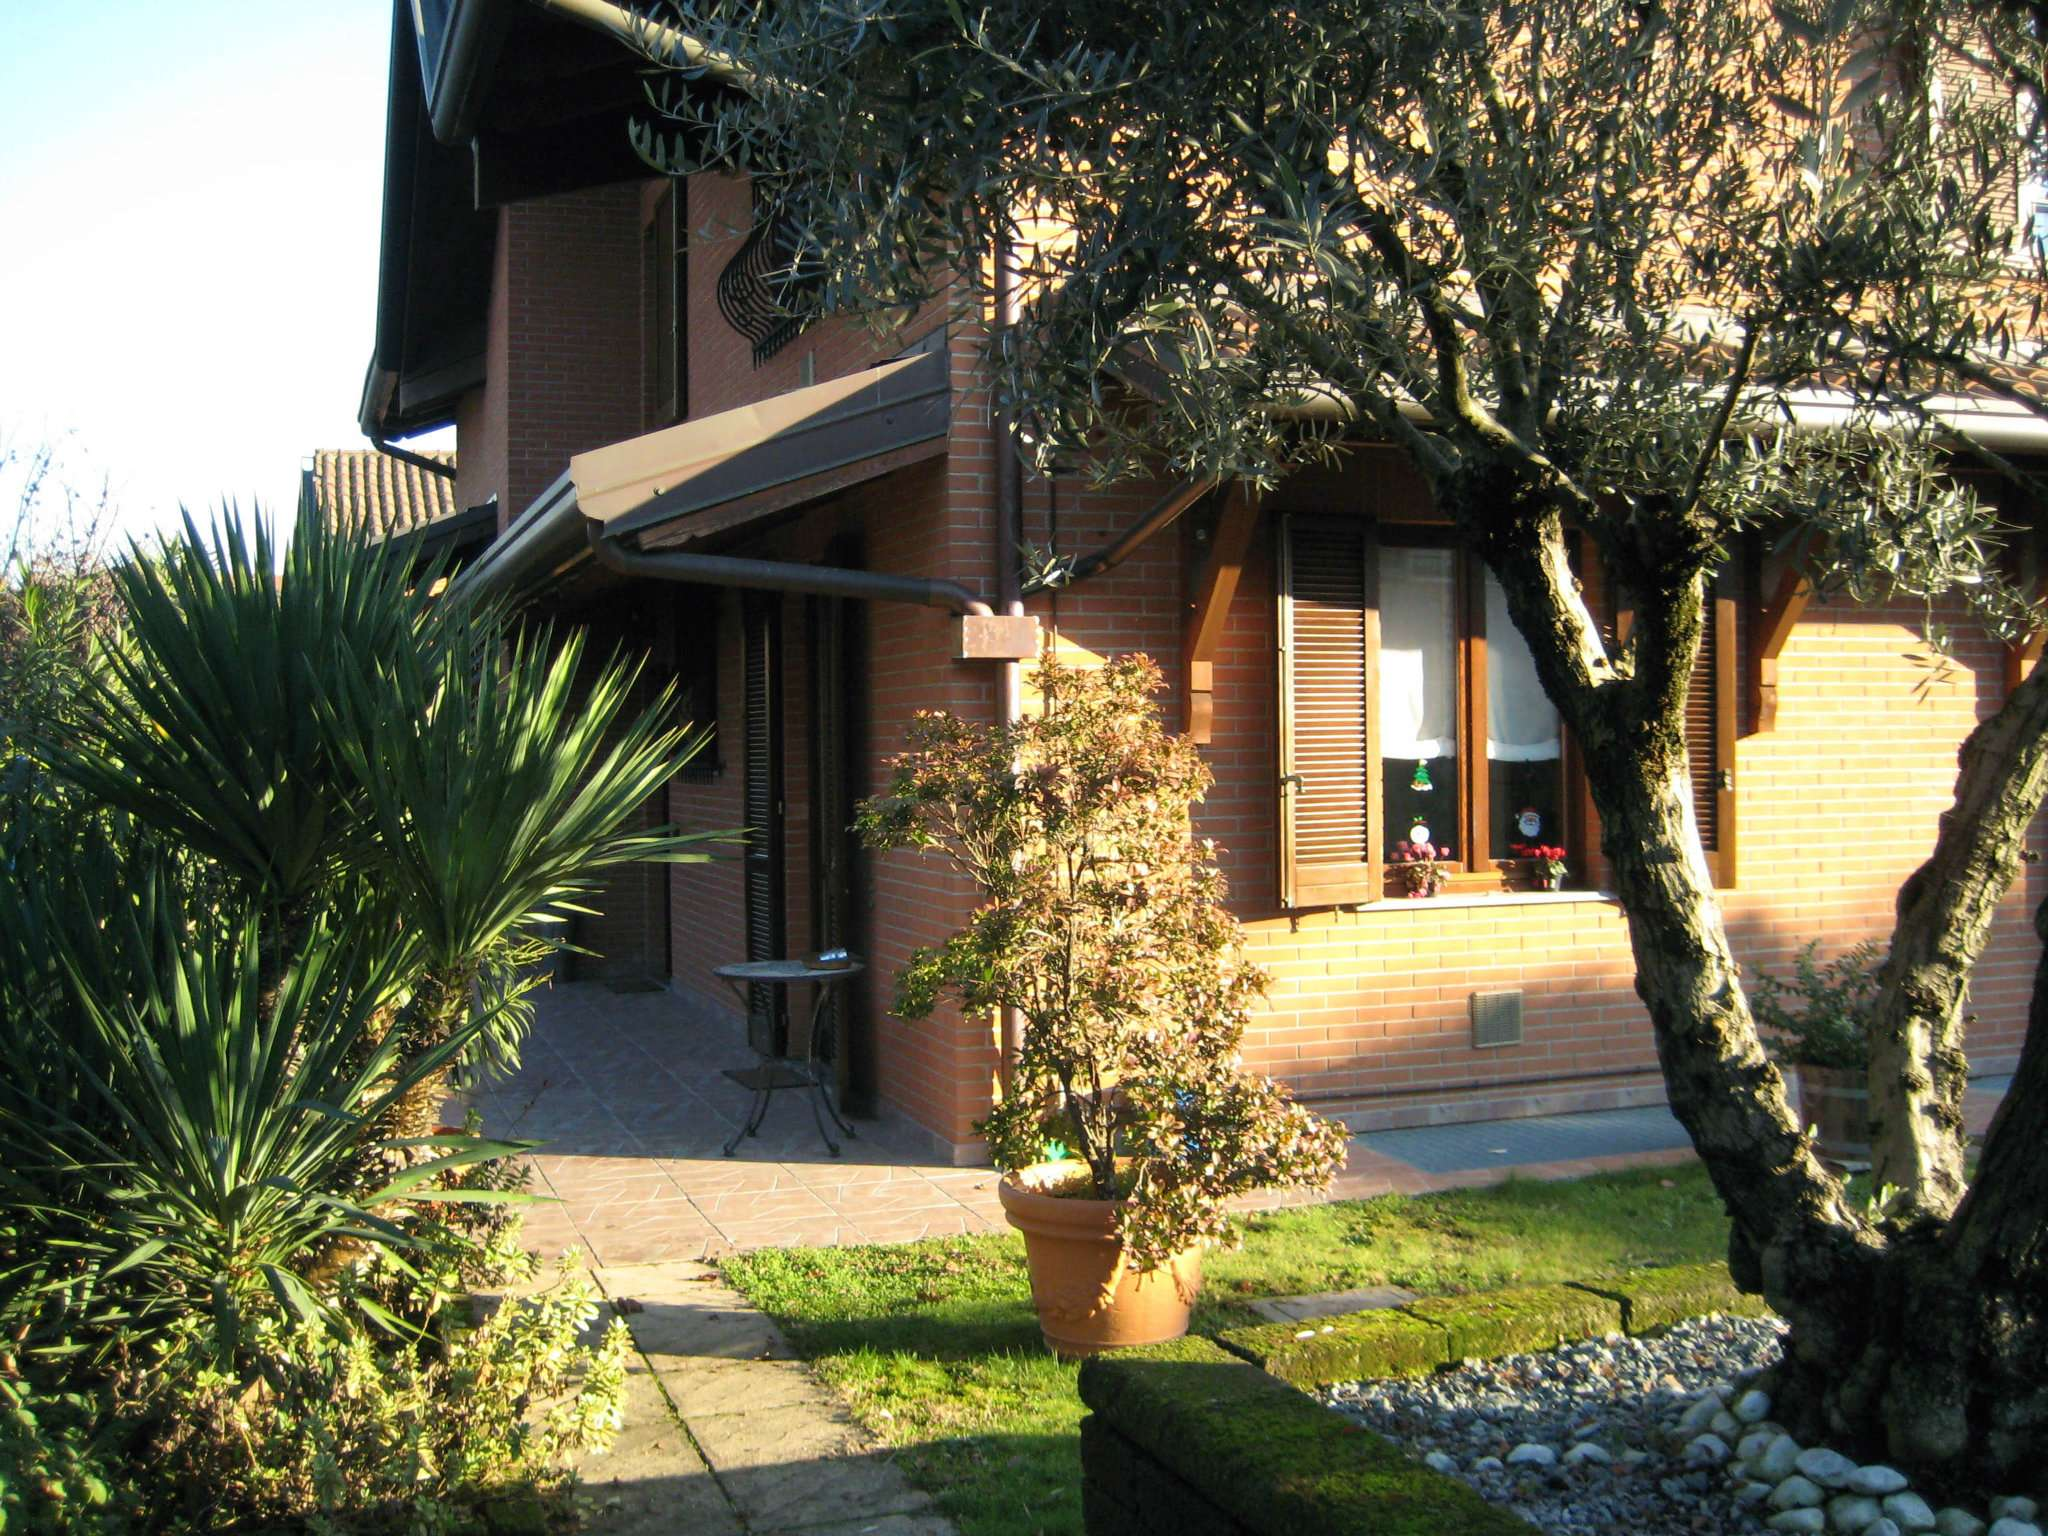 Villa in vendita a Caronno Pertusella, 5 locali, prezzo € 590.000 | Cambio Casa.it